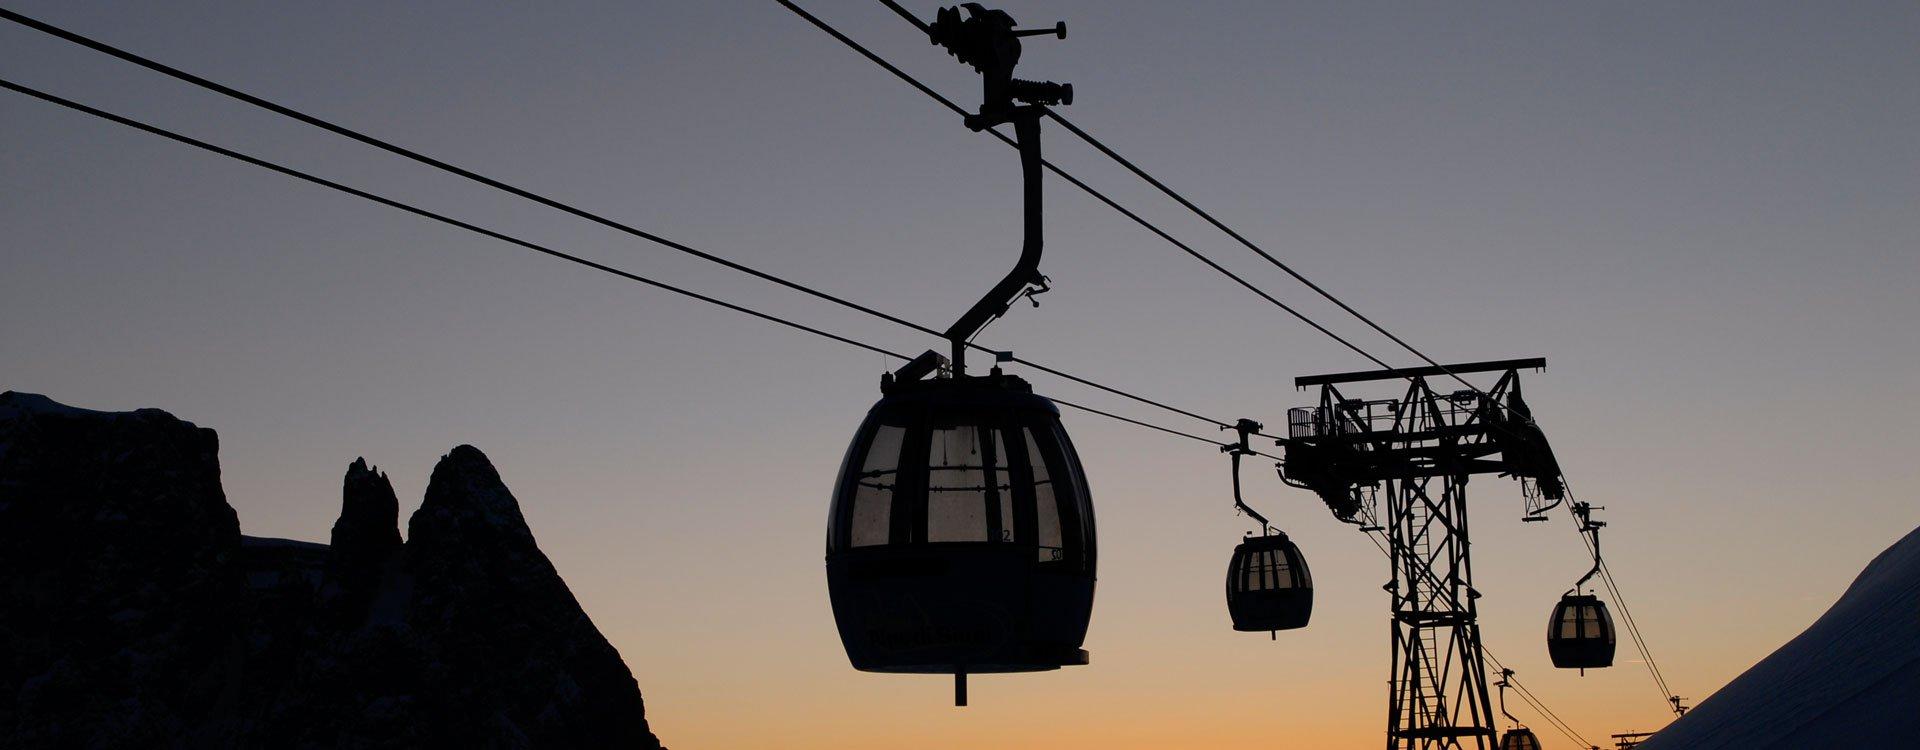 skiurlaub-seiser-alm-07